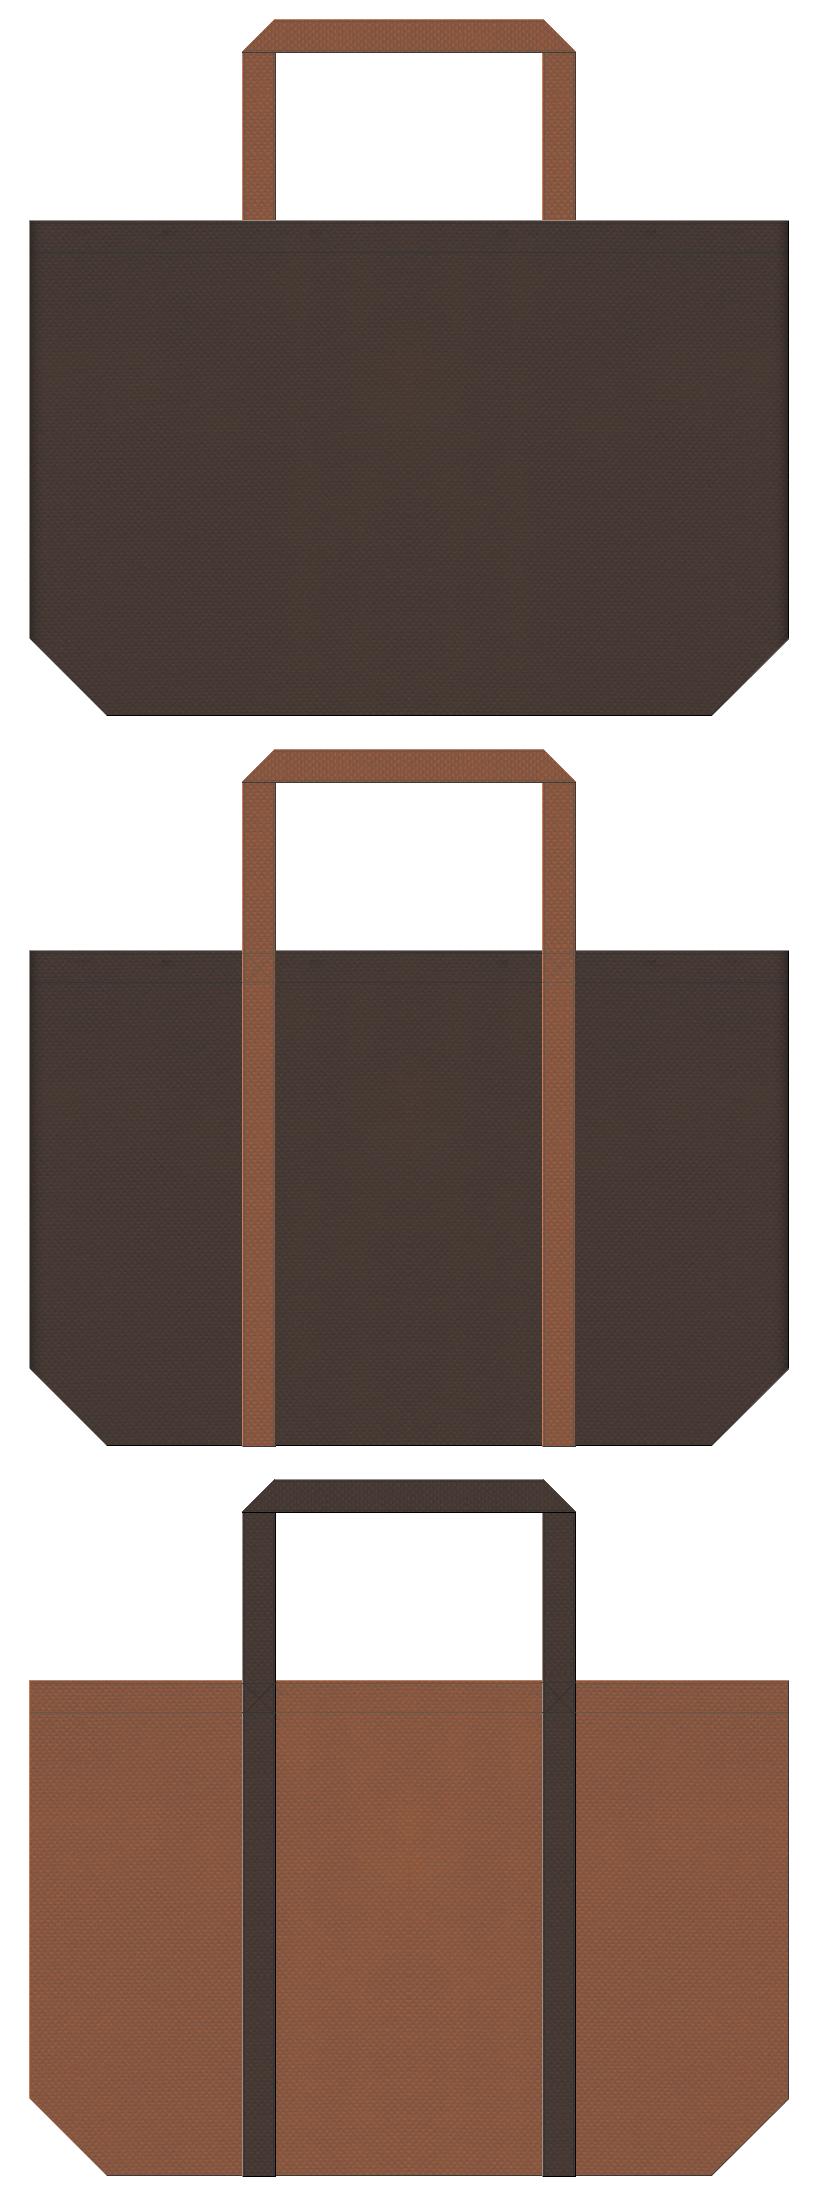 こげ茶色と茶色の不織布バッグデザイン。乗馬クラブ・オーケストラ・チョコケーキ・ログハウスのイメージにお奨めの配色です。